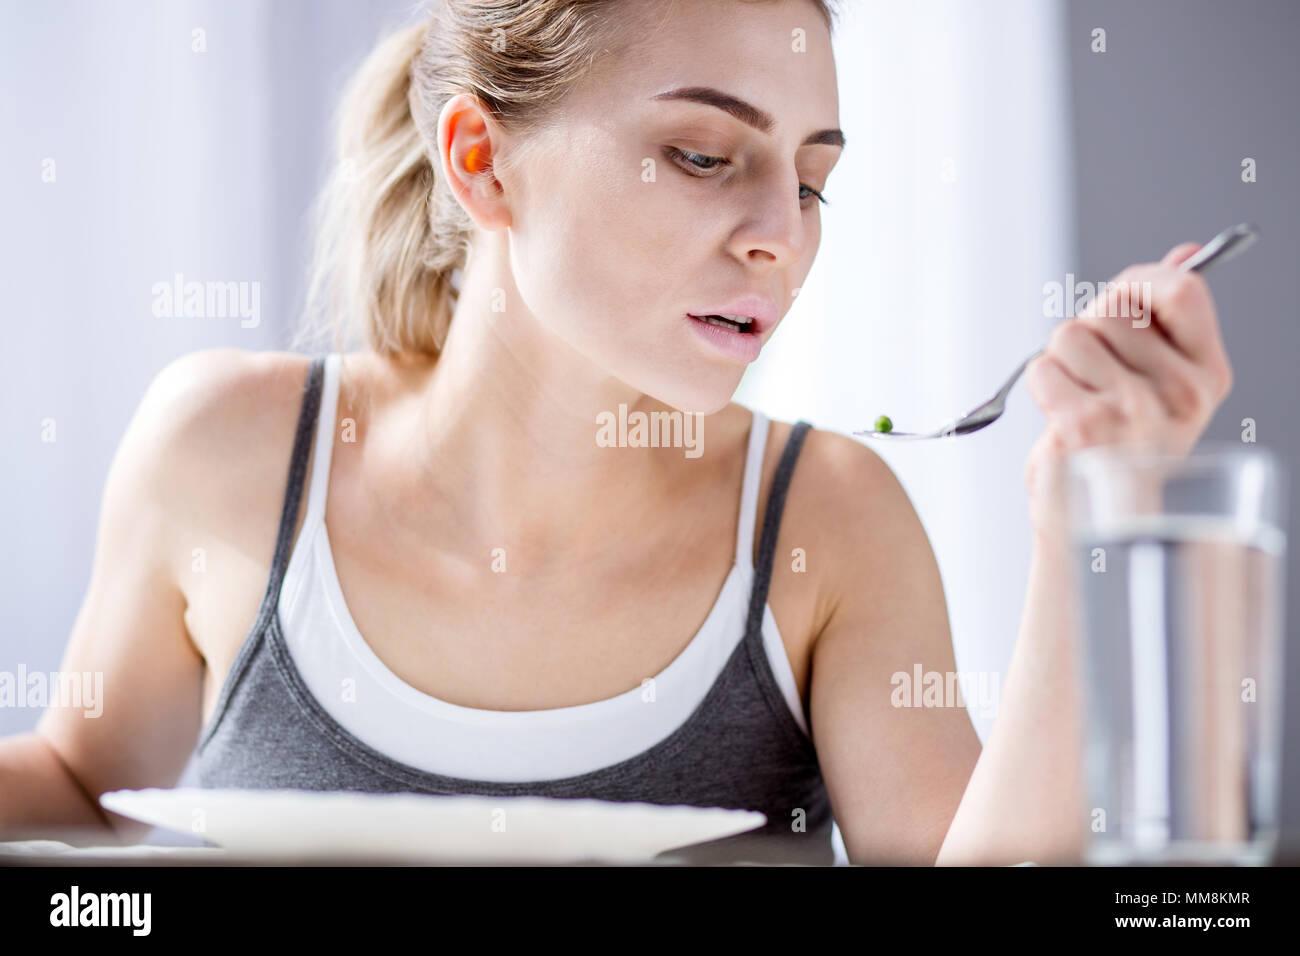 Cupo triste donna essendo su una dieta Immagini Stock